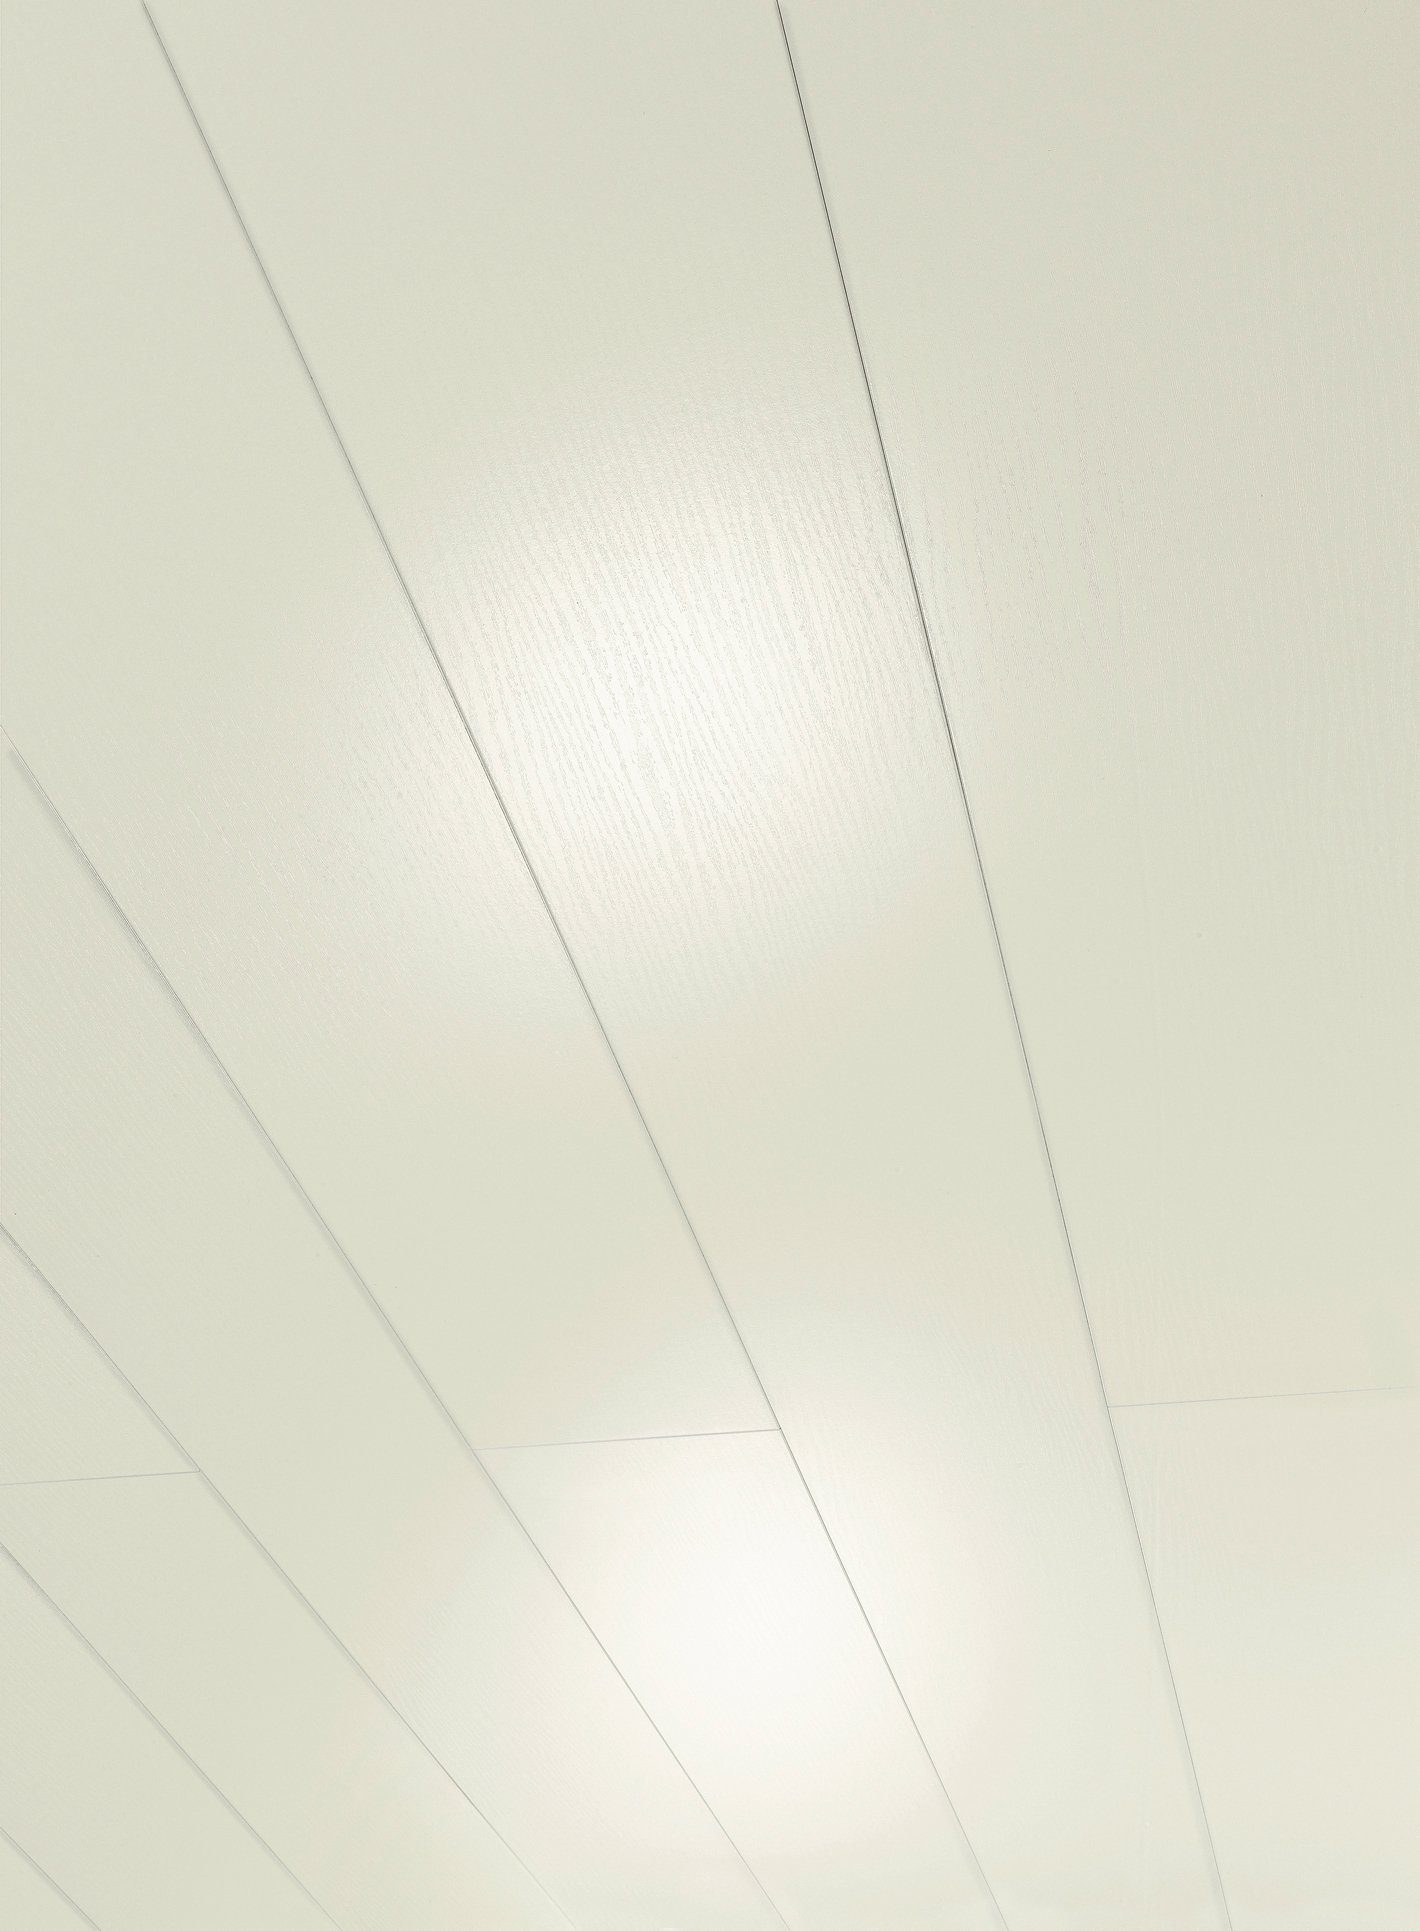 PARADOR Verkleidungspaneel »RapidoClick«, Esche weiß glänzend, 5 Paneele, 1,427 m²